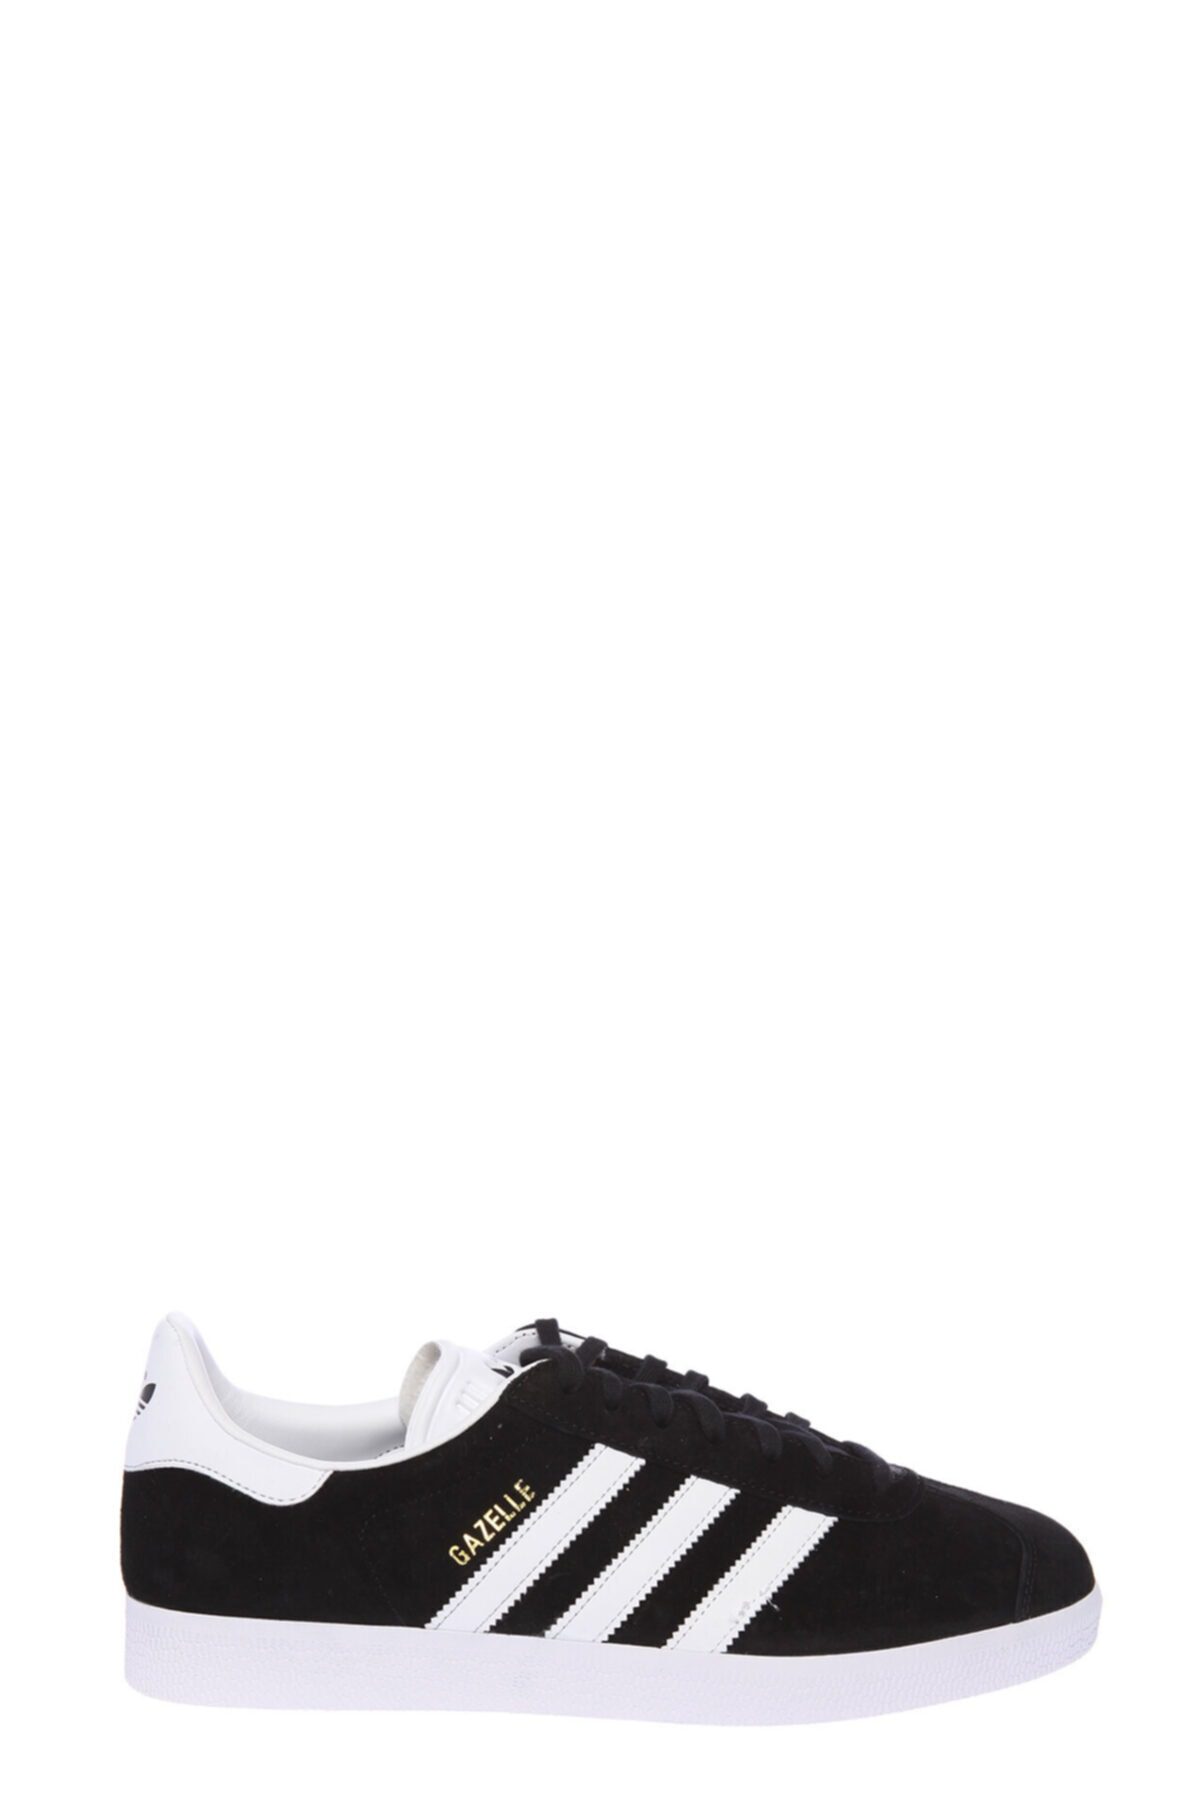 adidas GAZELLE Erkek Spor Ayakkabı 1